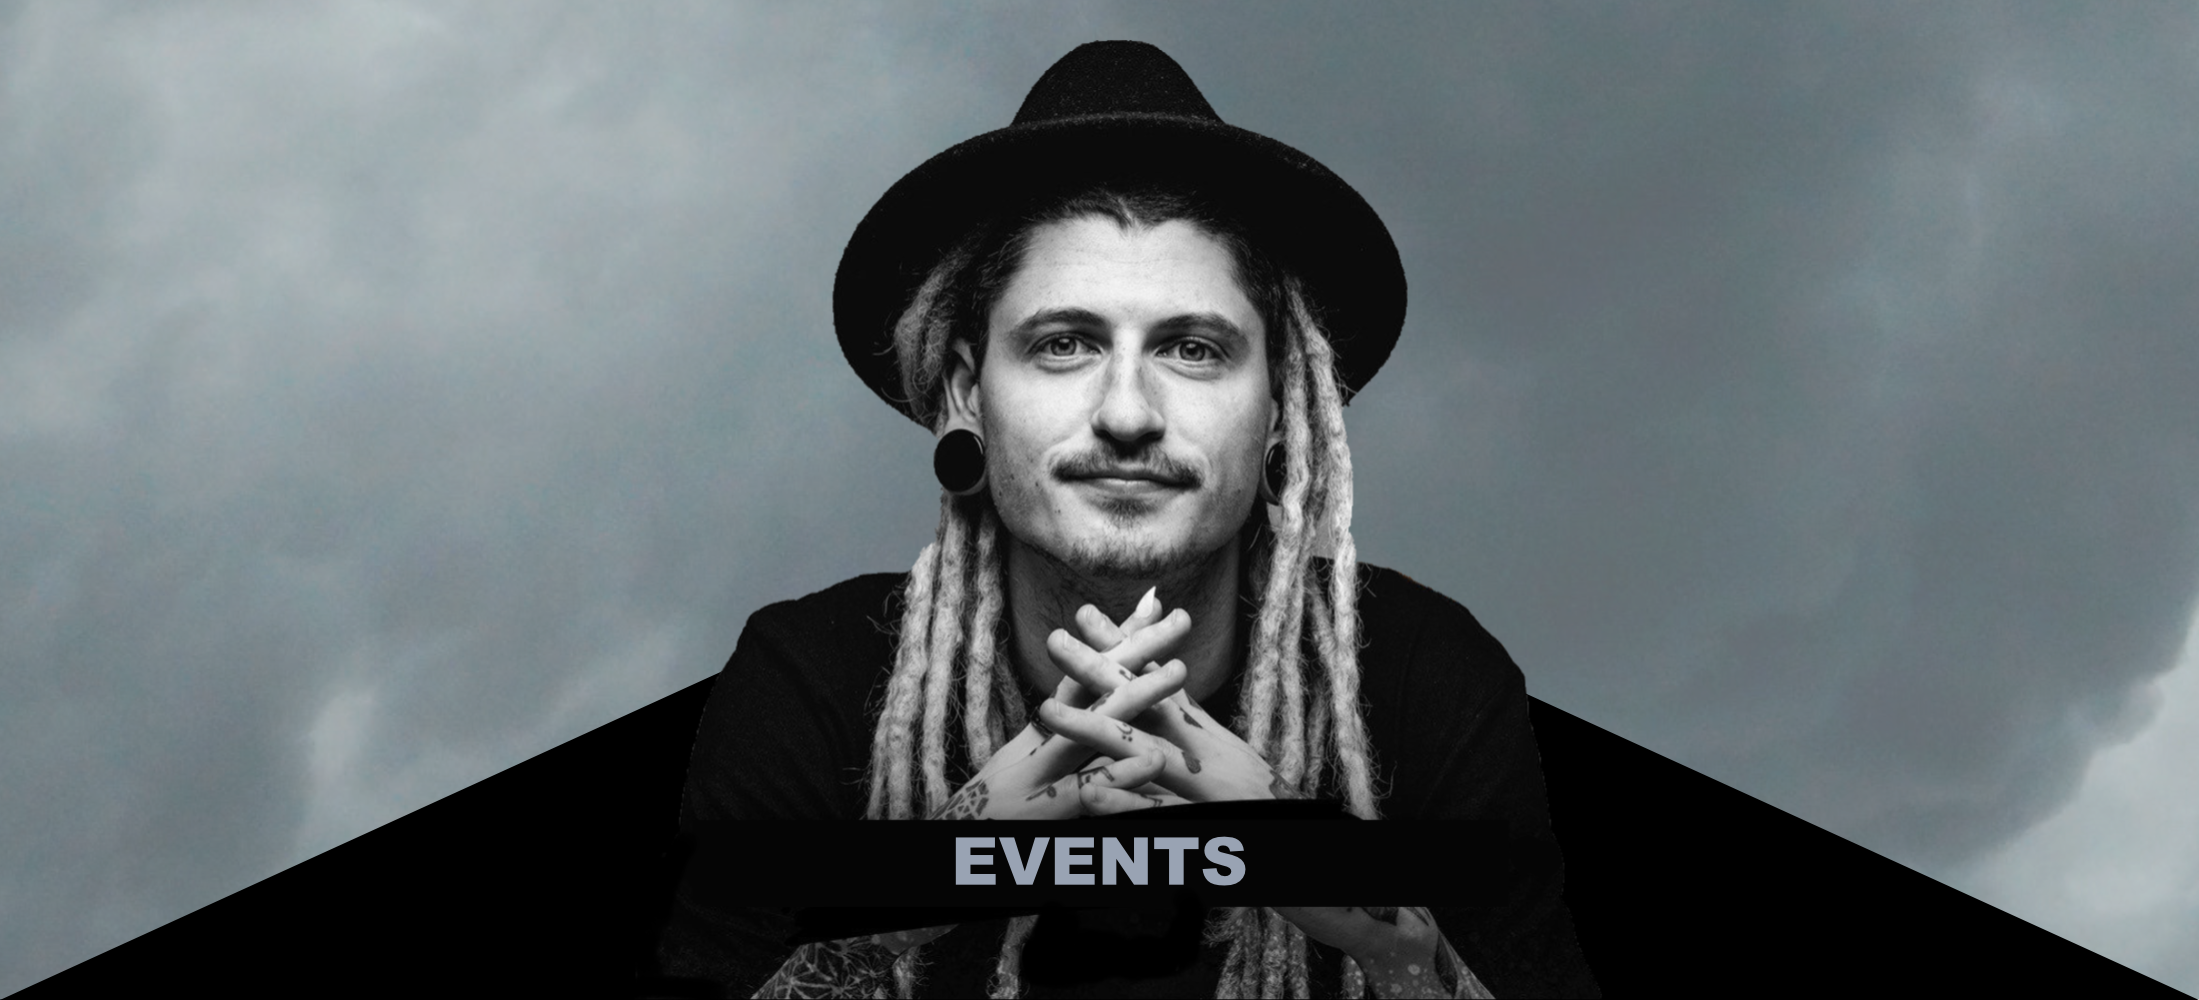 bg_hero_events